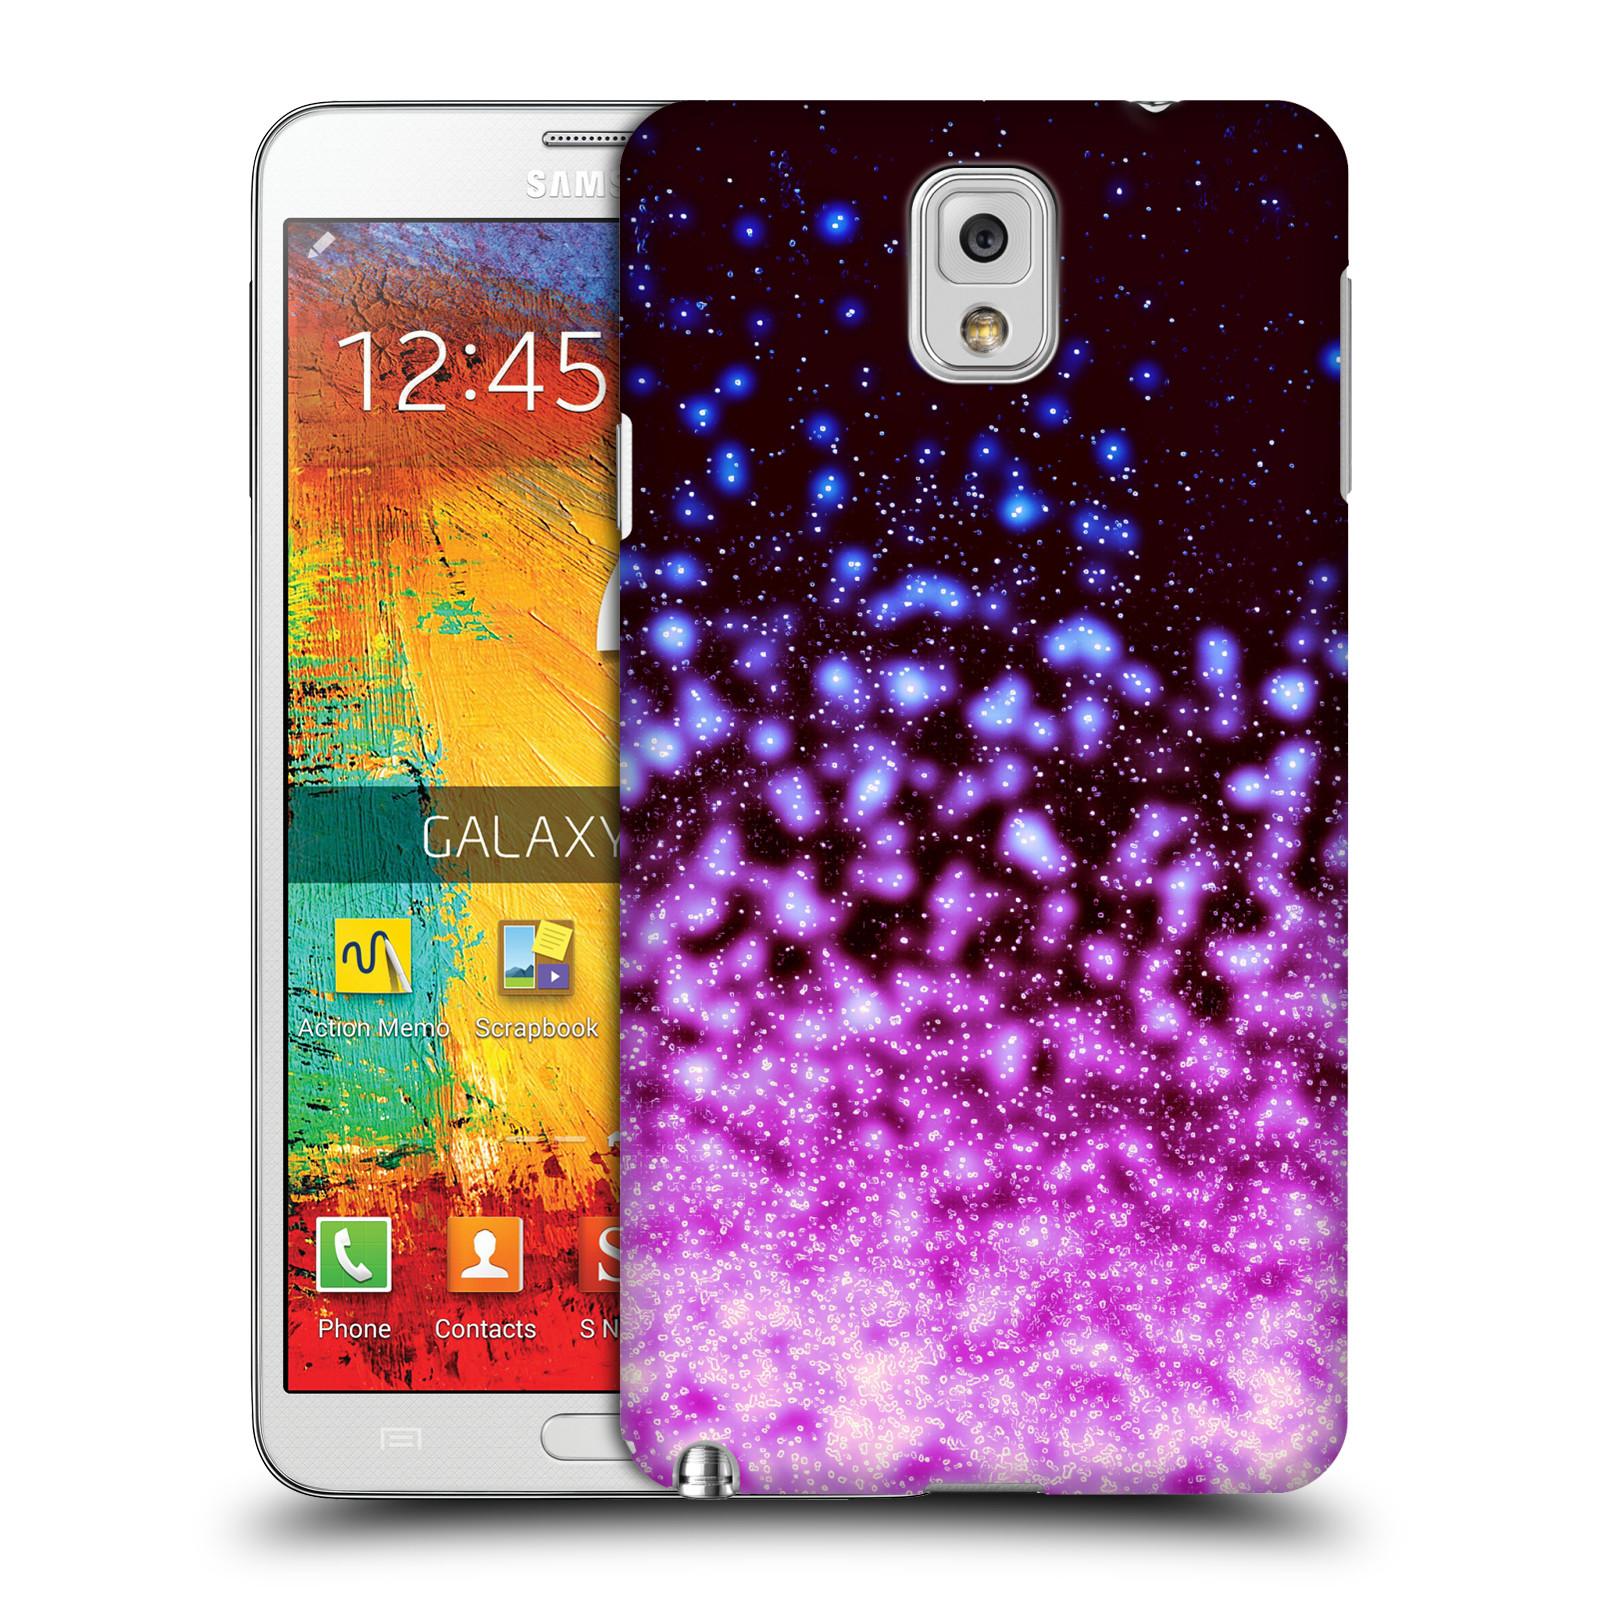 OFFICIAL-MONIKA-STRIGEL-MAGIC-LIGHTS-2-HARD-BACK-CASE-FOR-SAMSUNG-PHONES-2